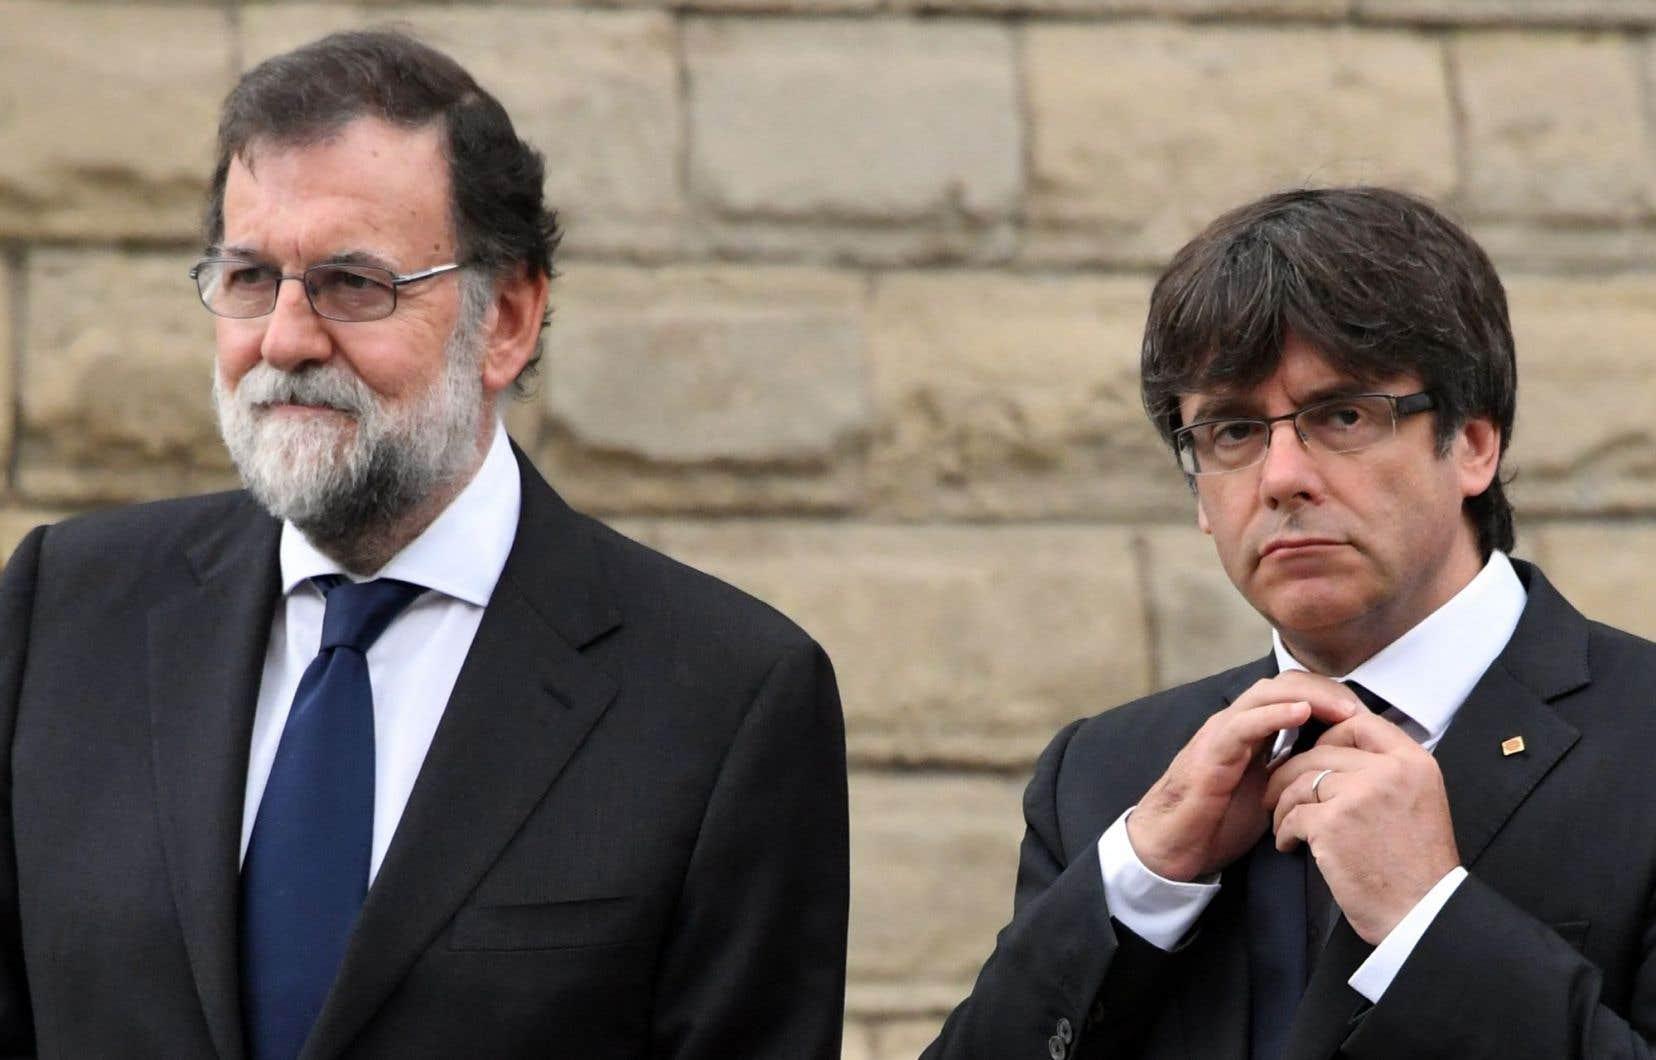 Le premier ministre espagnol, Mariano Rajoy (à gauche), aux côtés du président catalan, Carles Puigdemont, lors d'une cérémonie en hommage aux victimes des attentats de Catalogne, le 20 août.